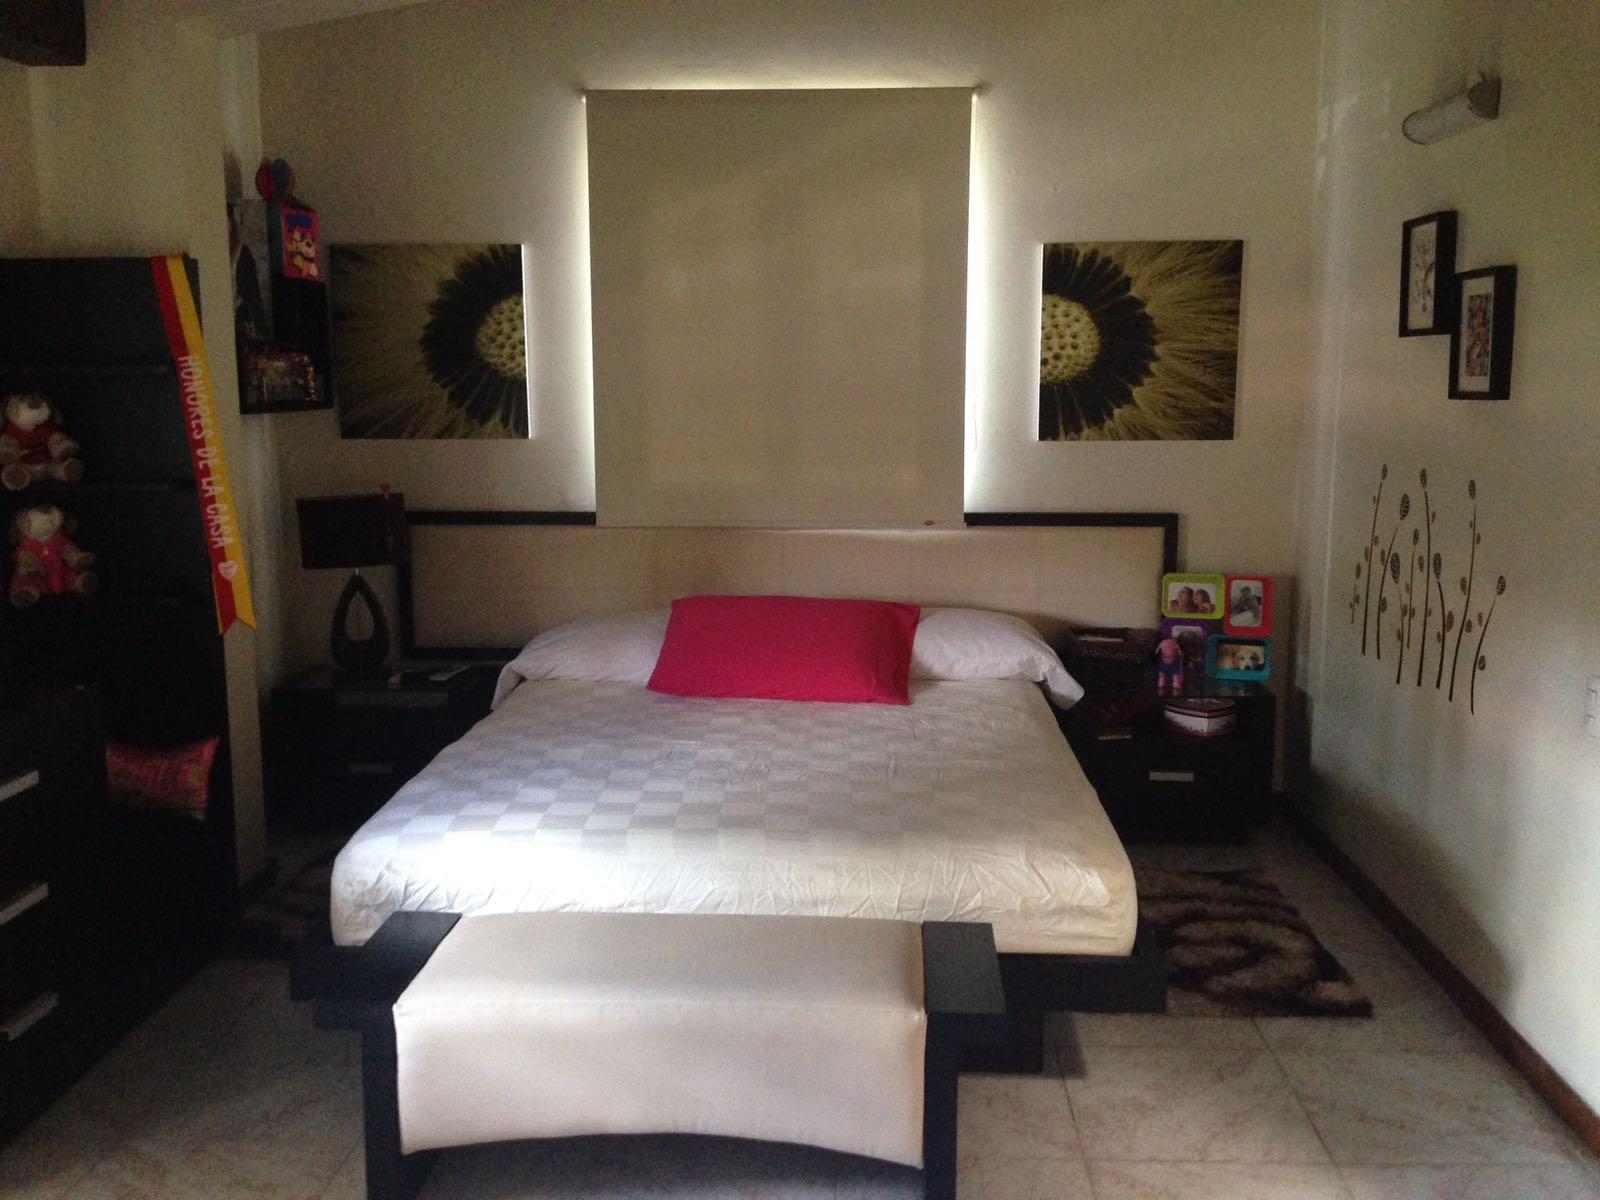 3 Bedrooms Bedrooms, ,3 BathroomsBathrooms,Casa,En Venta,1128